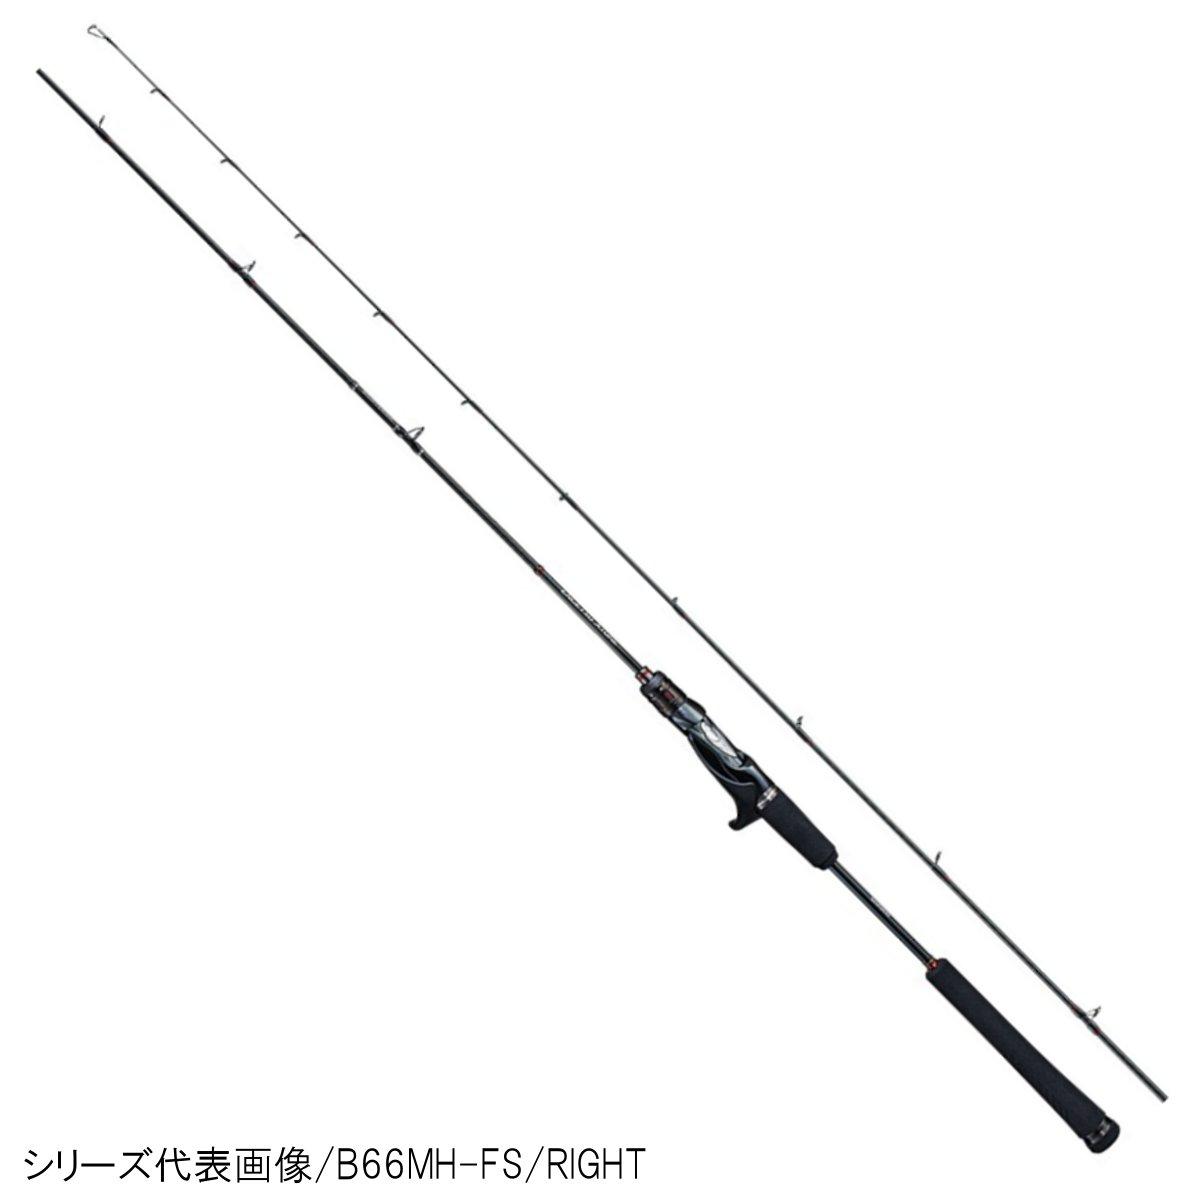 シマノ エンゲツ エクスチューン B511ML-FS/RIGHT(東日本店)